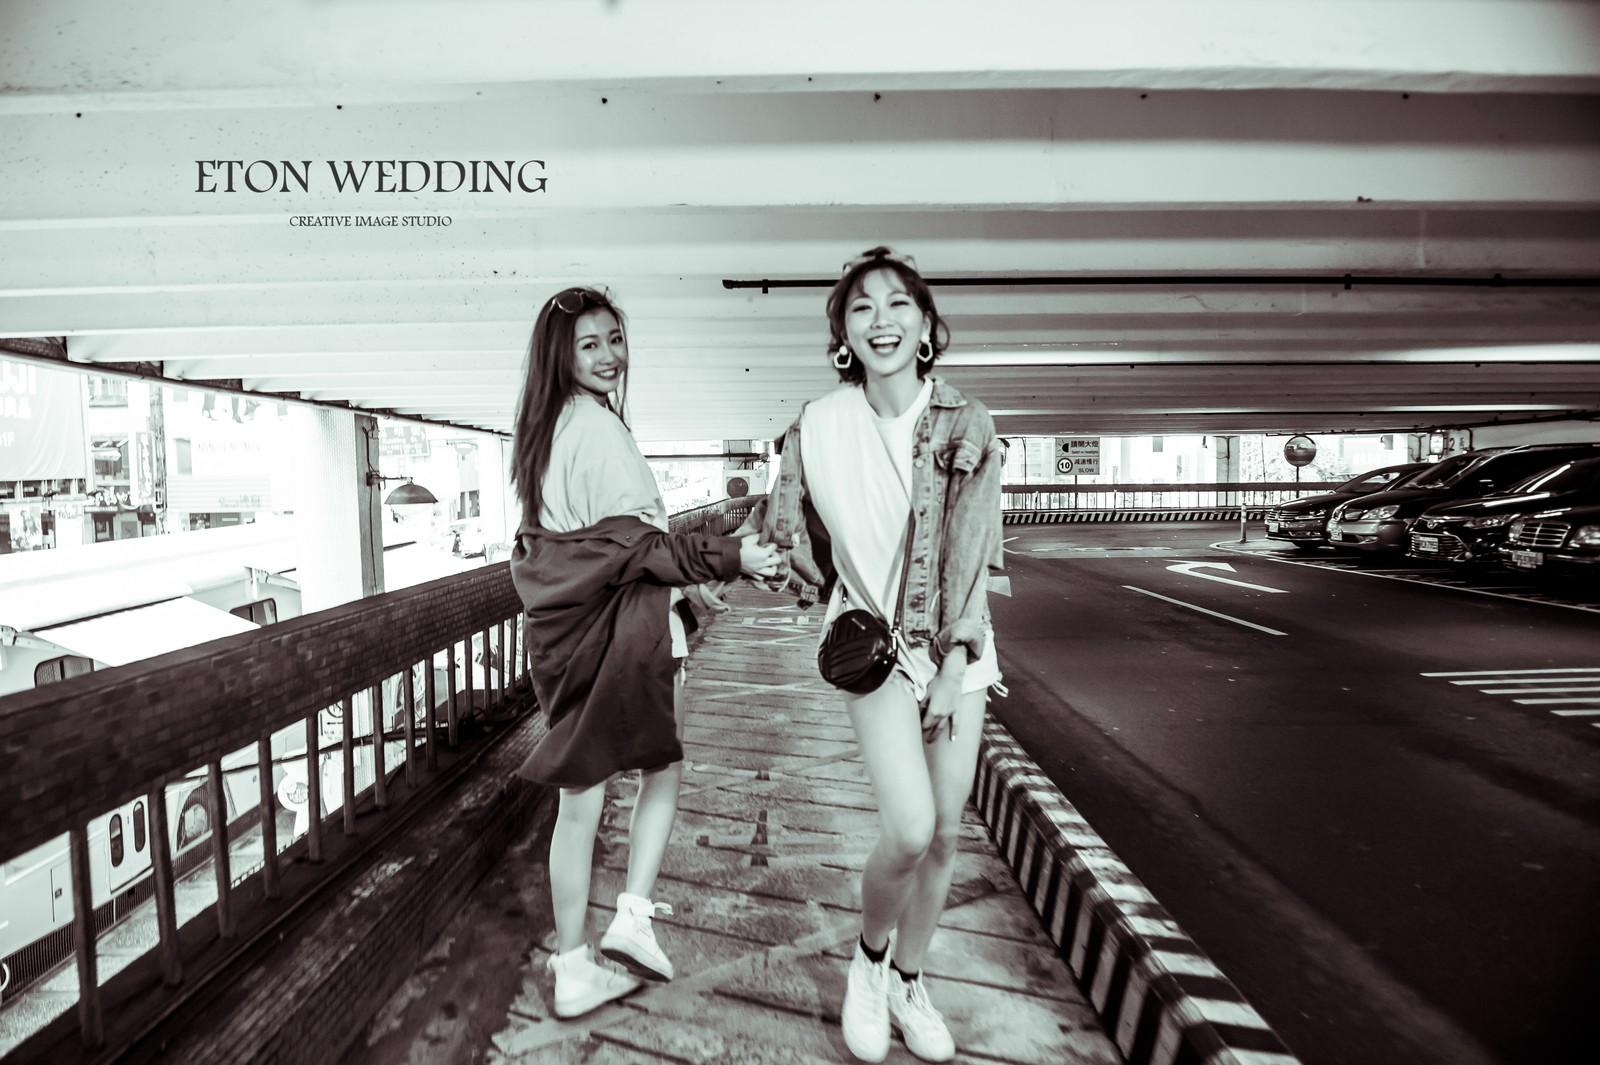 閨蜜寫真,閨蜜照,姐妹攝影,姐妹寫真,自助婚紗,bb28